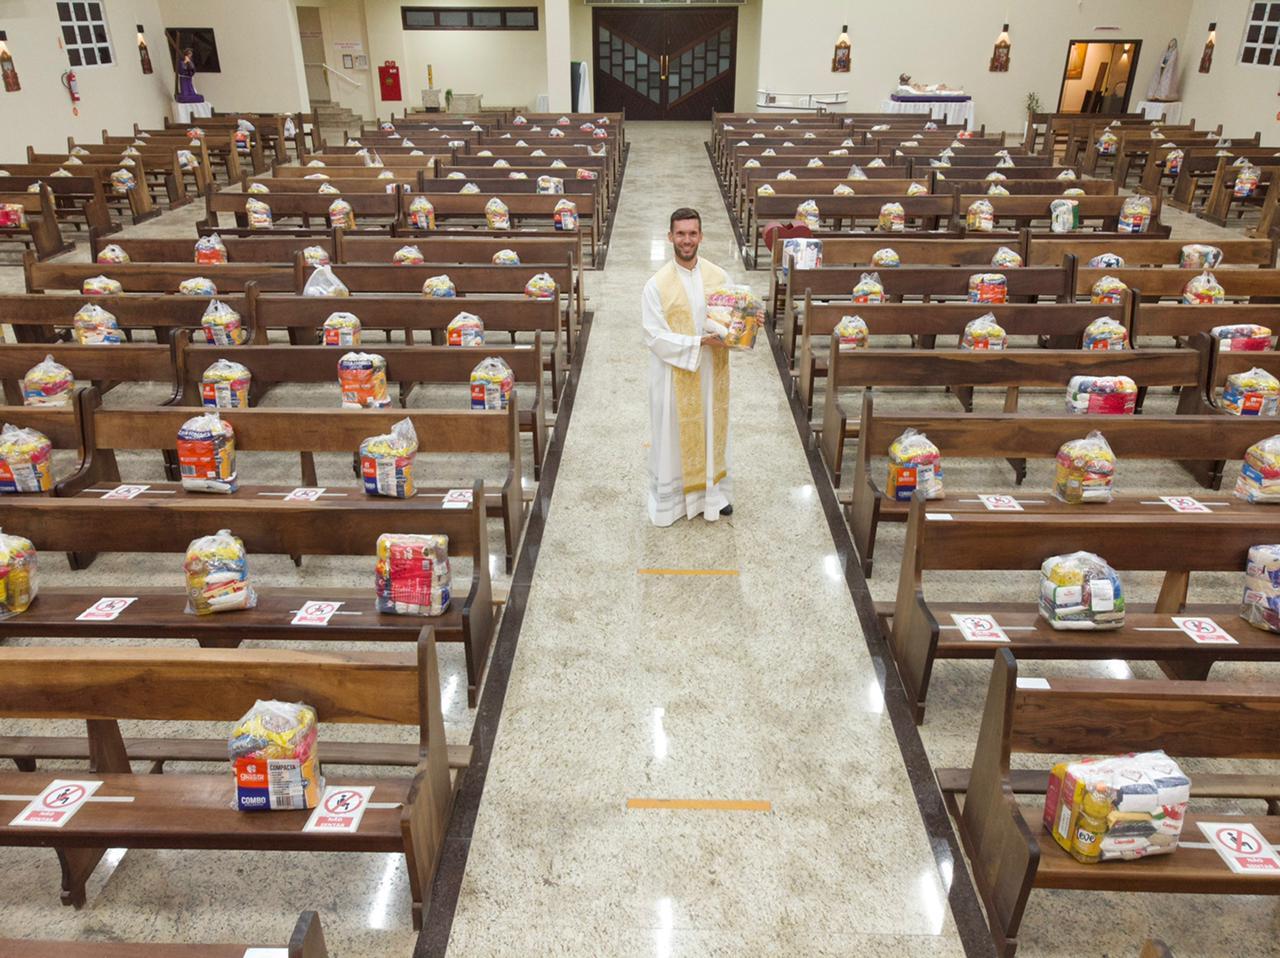 Mais de 300 cestas básicas foram arrecadadas e distribuídas nos bancos da Paróquia - Divulgação/ND